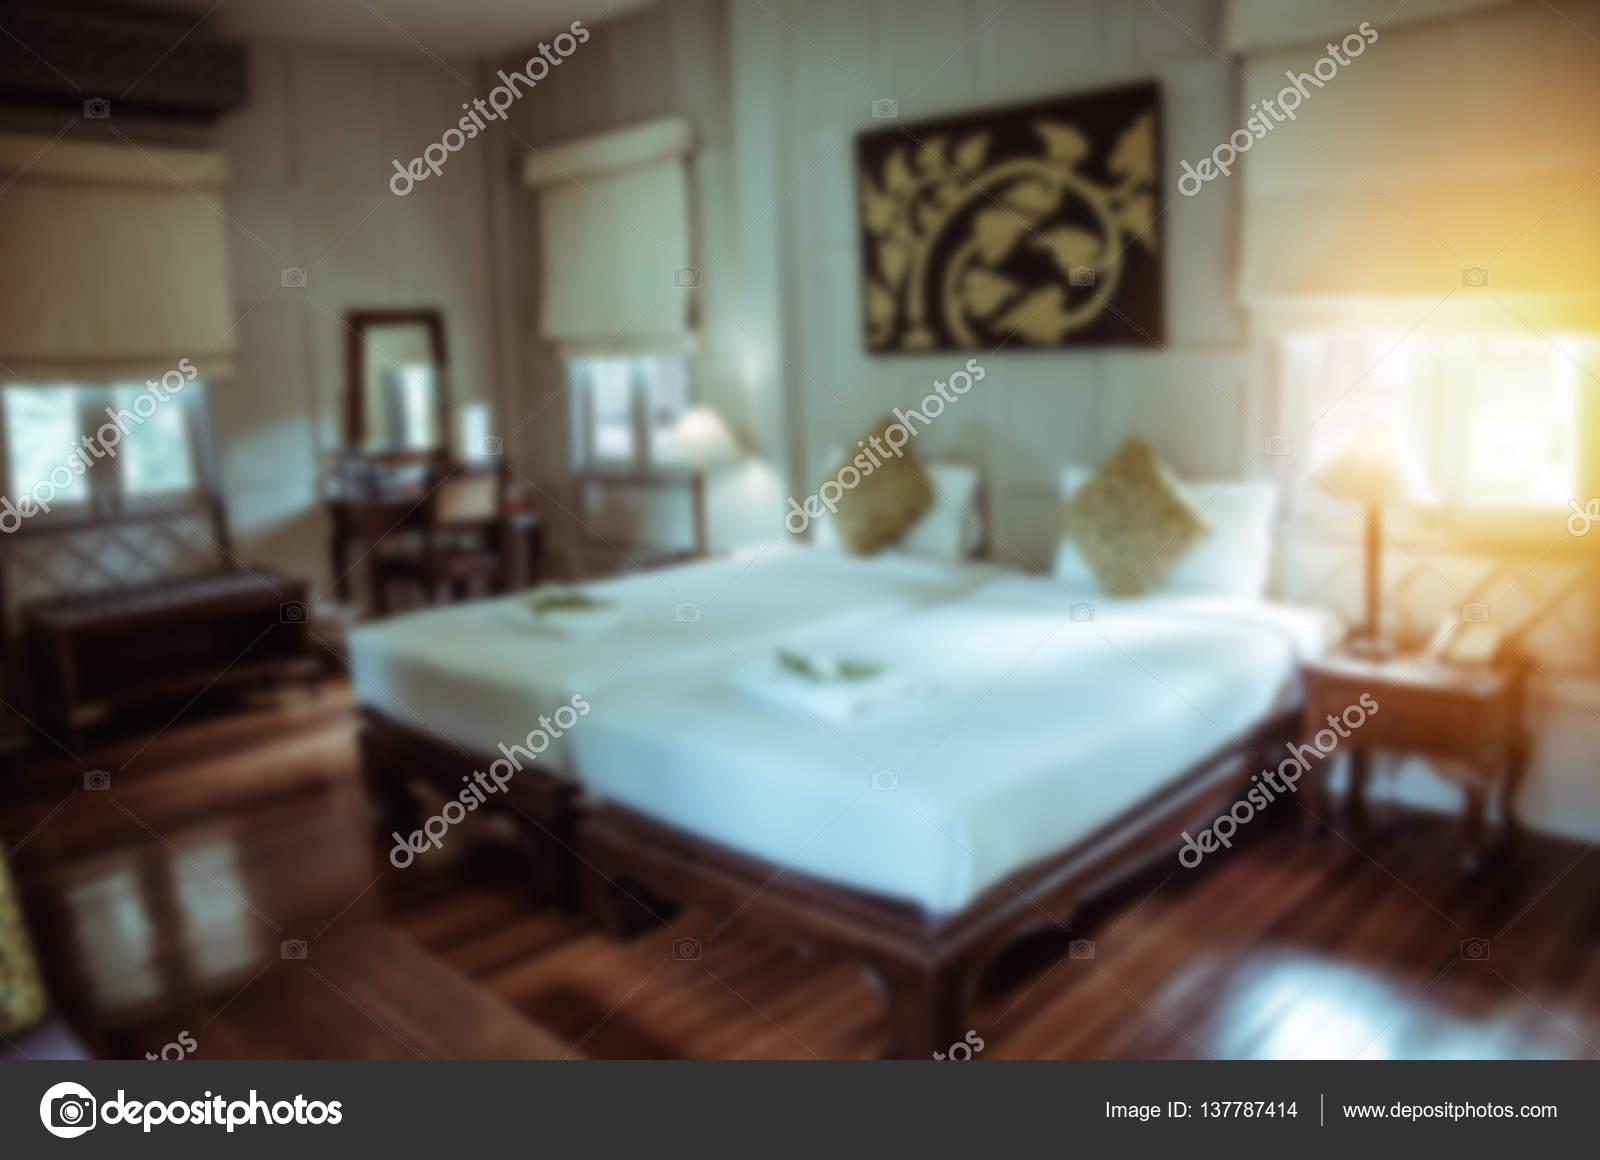 Slaapkamer Vintage Blue : Wazig slaapkamer vintage u2014 stockfoto © aoo8449 #137787414